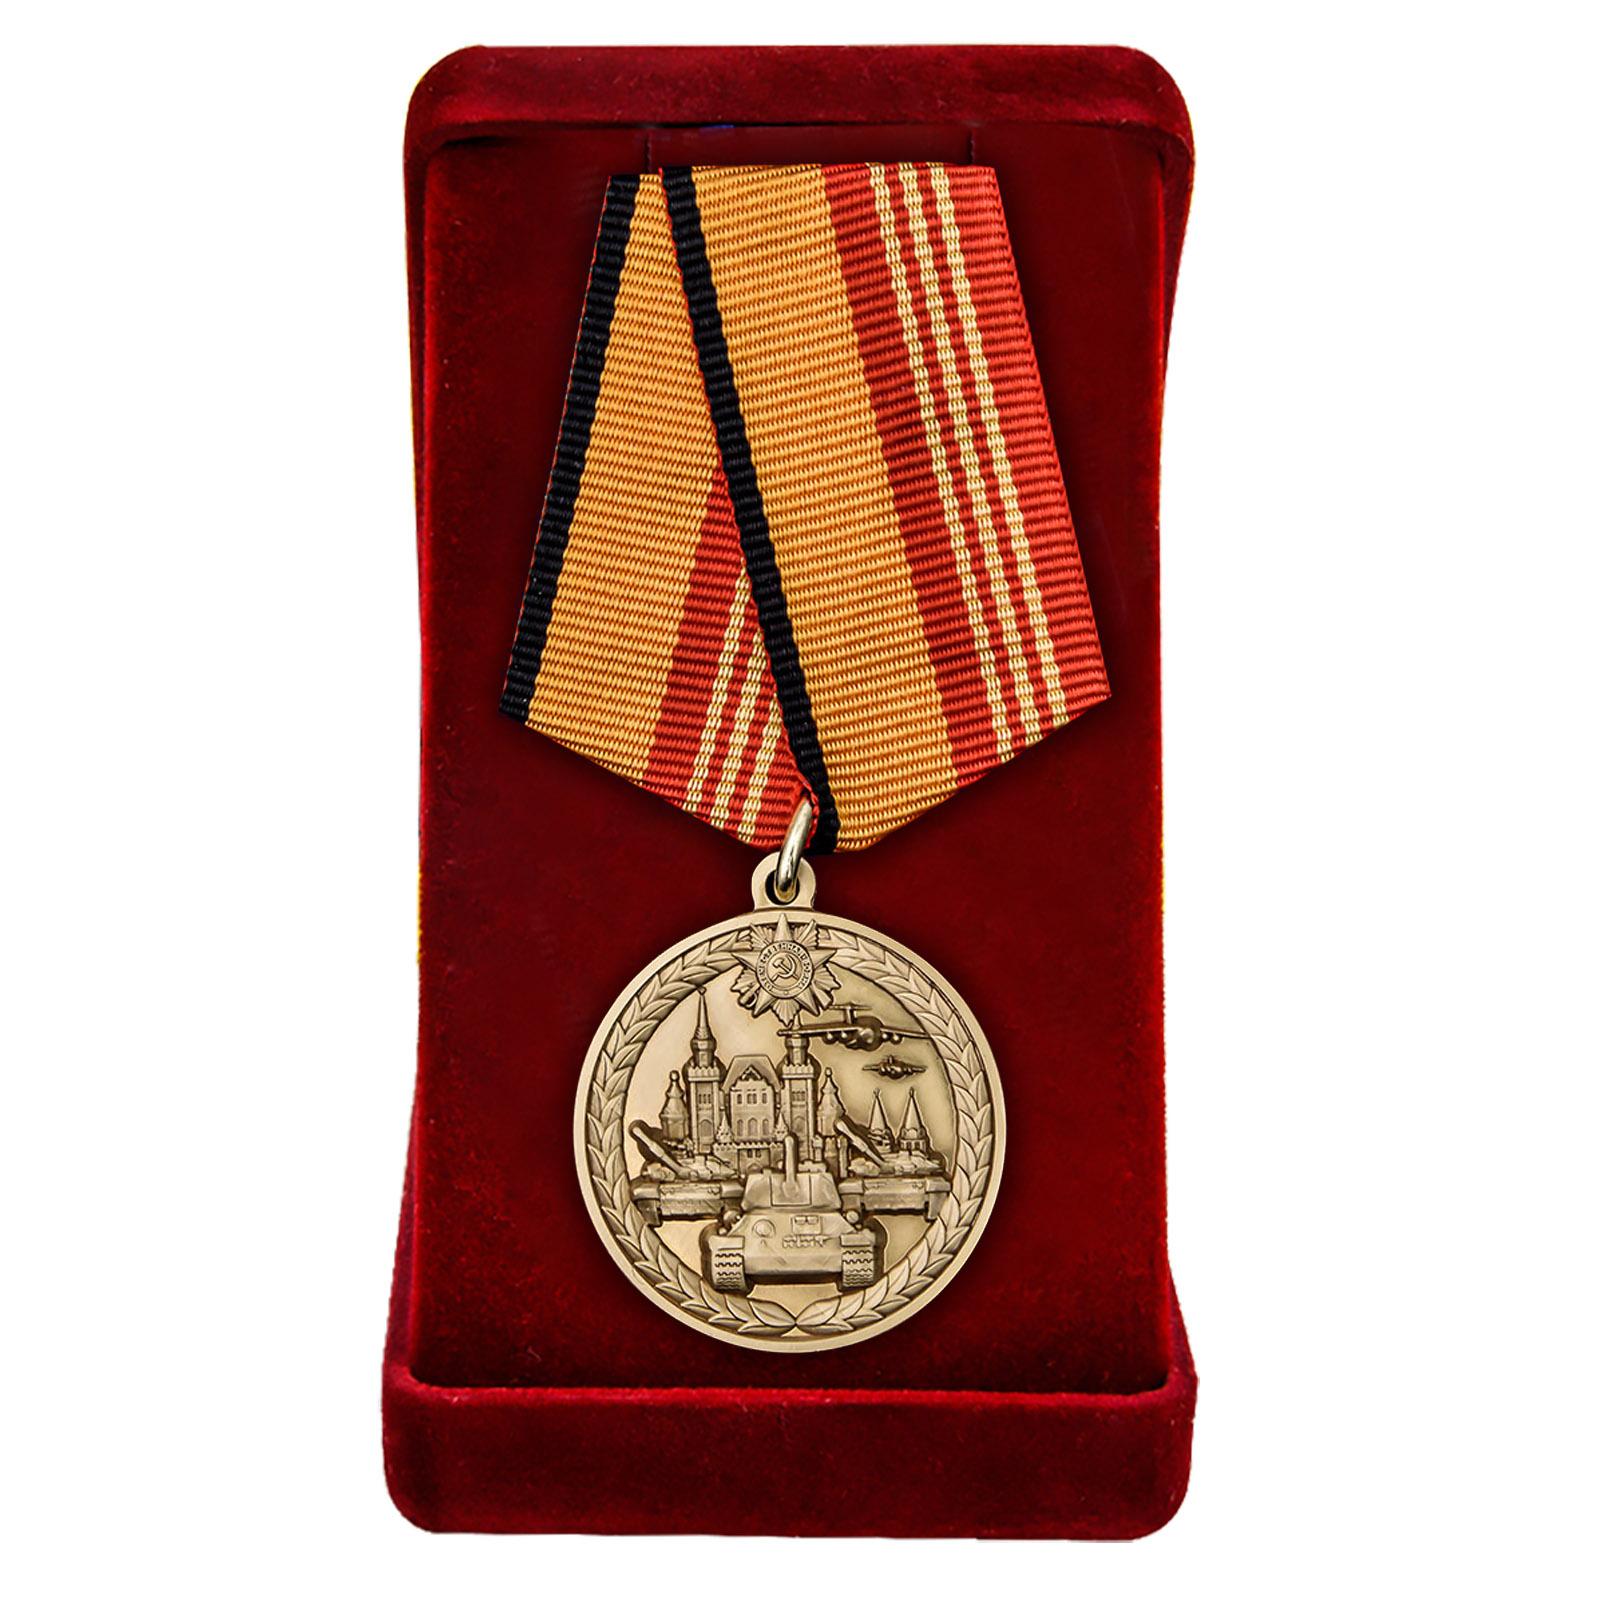 Купить памятную медаль За участие в военном параде в ознаменование 75-летия Победы в ВОВ МО РФ по лучшей цене